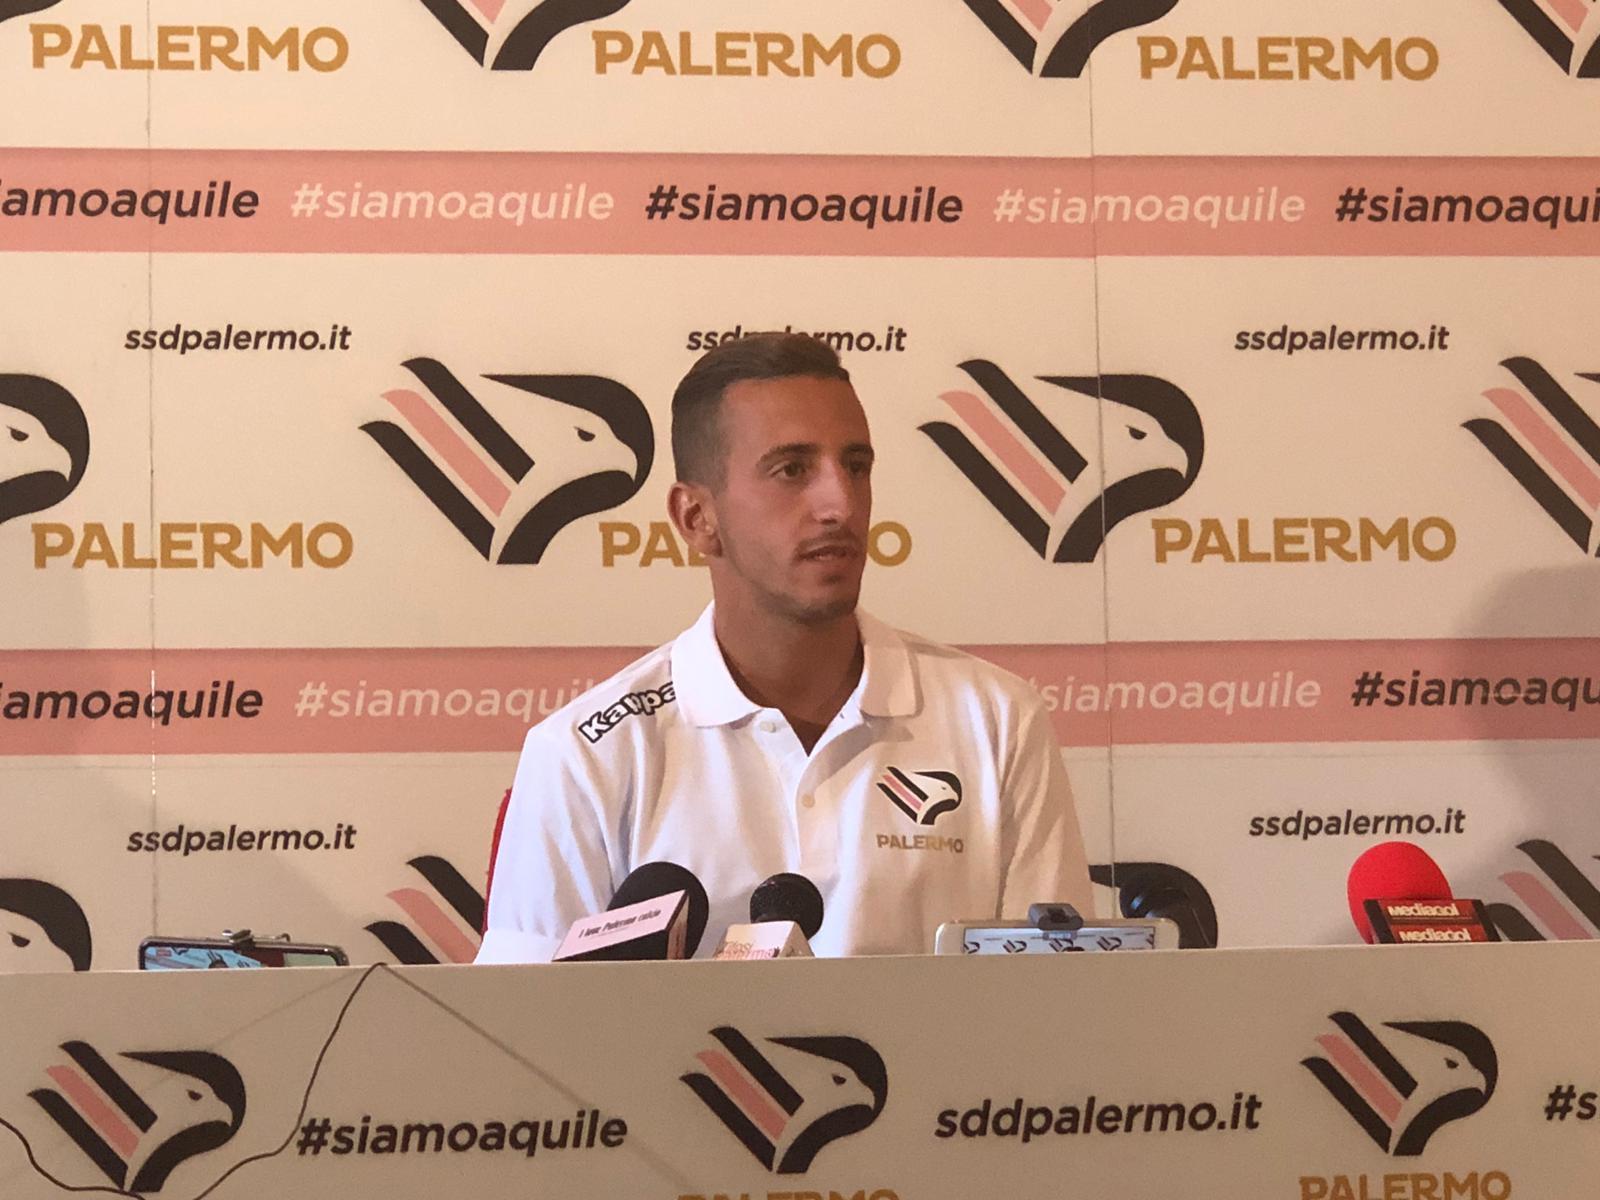 """ORE 13.32 – É terminata la conferenza stampa di Andrea Accardi. ORE 13.31 –""""Sarà il campo a dire se noi siamo favoriti. La città si deve innamorare di nuovo. Pergolizzi? Mi ha fatto un'ottima impressione. Ha vinto uno Scudetto qui, è molto preparato. È una brava persona e un grande allenatore"""". ORE 13.30 –""""Nessuno si aspettava la fine del """"vecchio"""" Palermo. Voglio dedicare un pensiero ai dipendenti, non è facile andare avanti. Noi giocatori troviamo sempre un'altra squadra. Sono stato male per loro e per i tifosi"""". ORE 13.28 –""""Voglio giocare ogni partita e vincerle tutte, deve essere l'obiettivo di"""